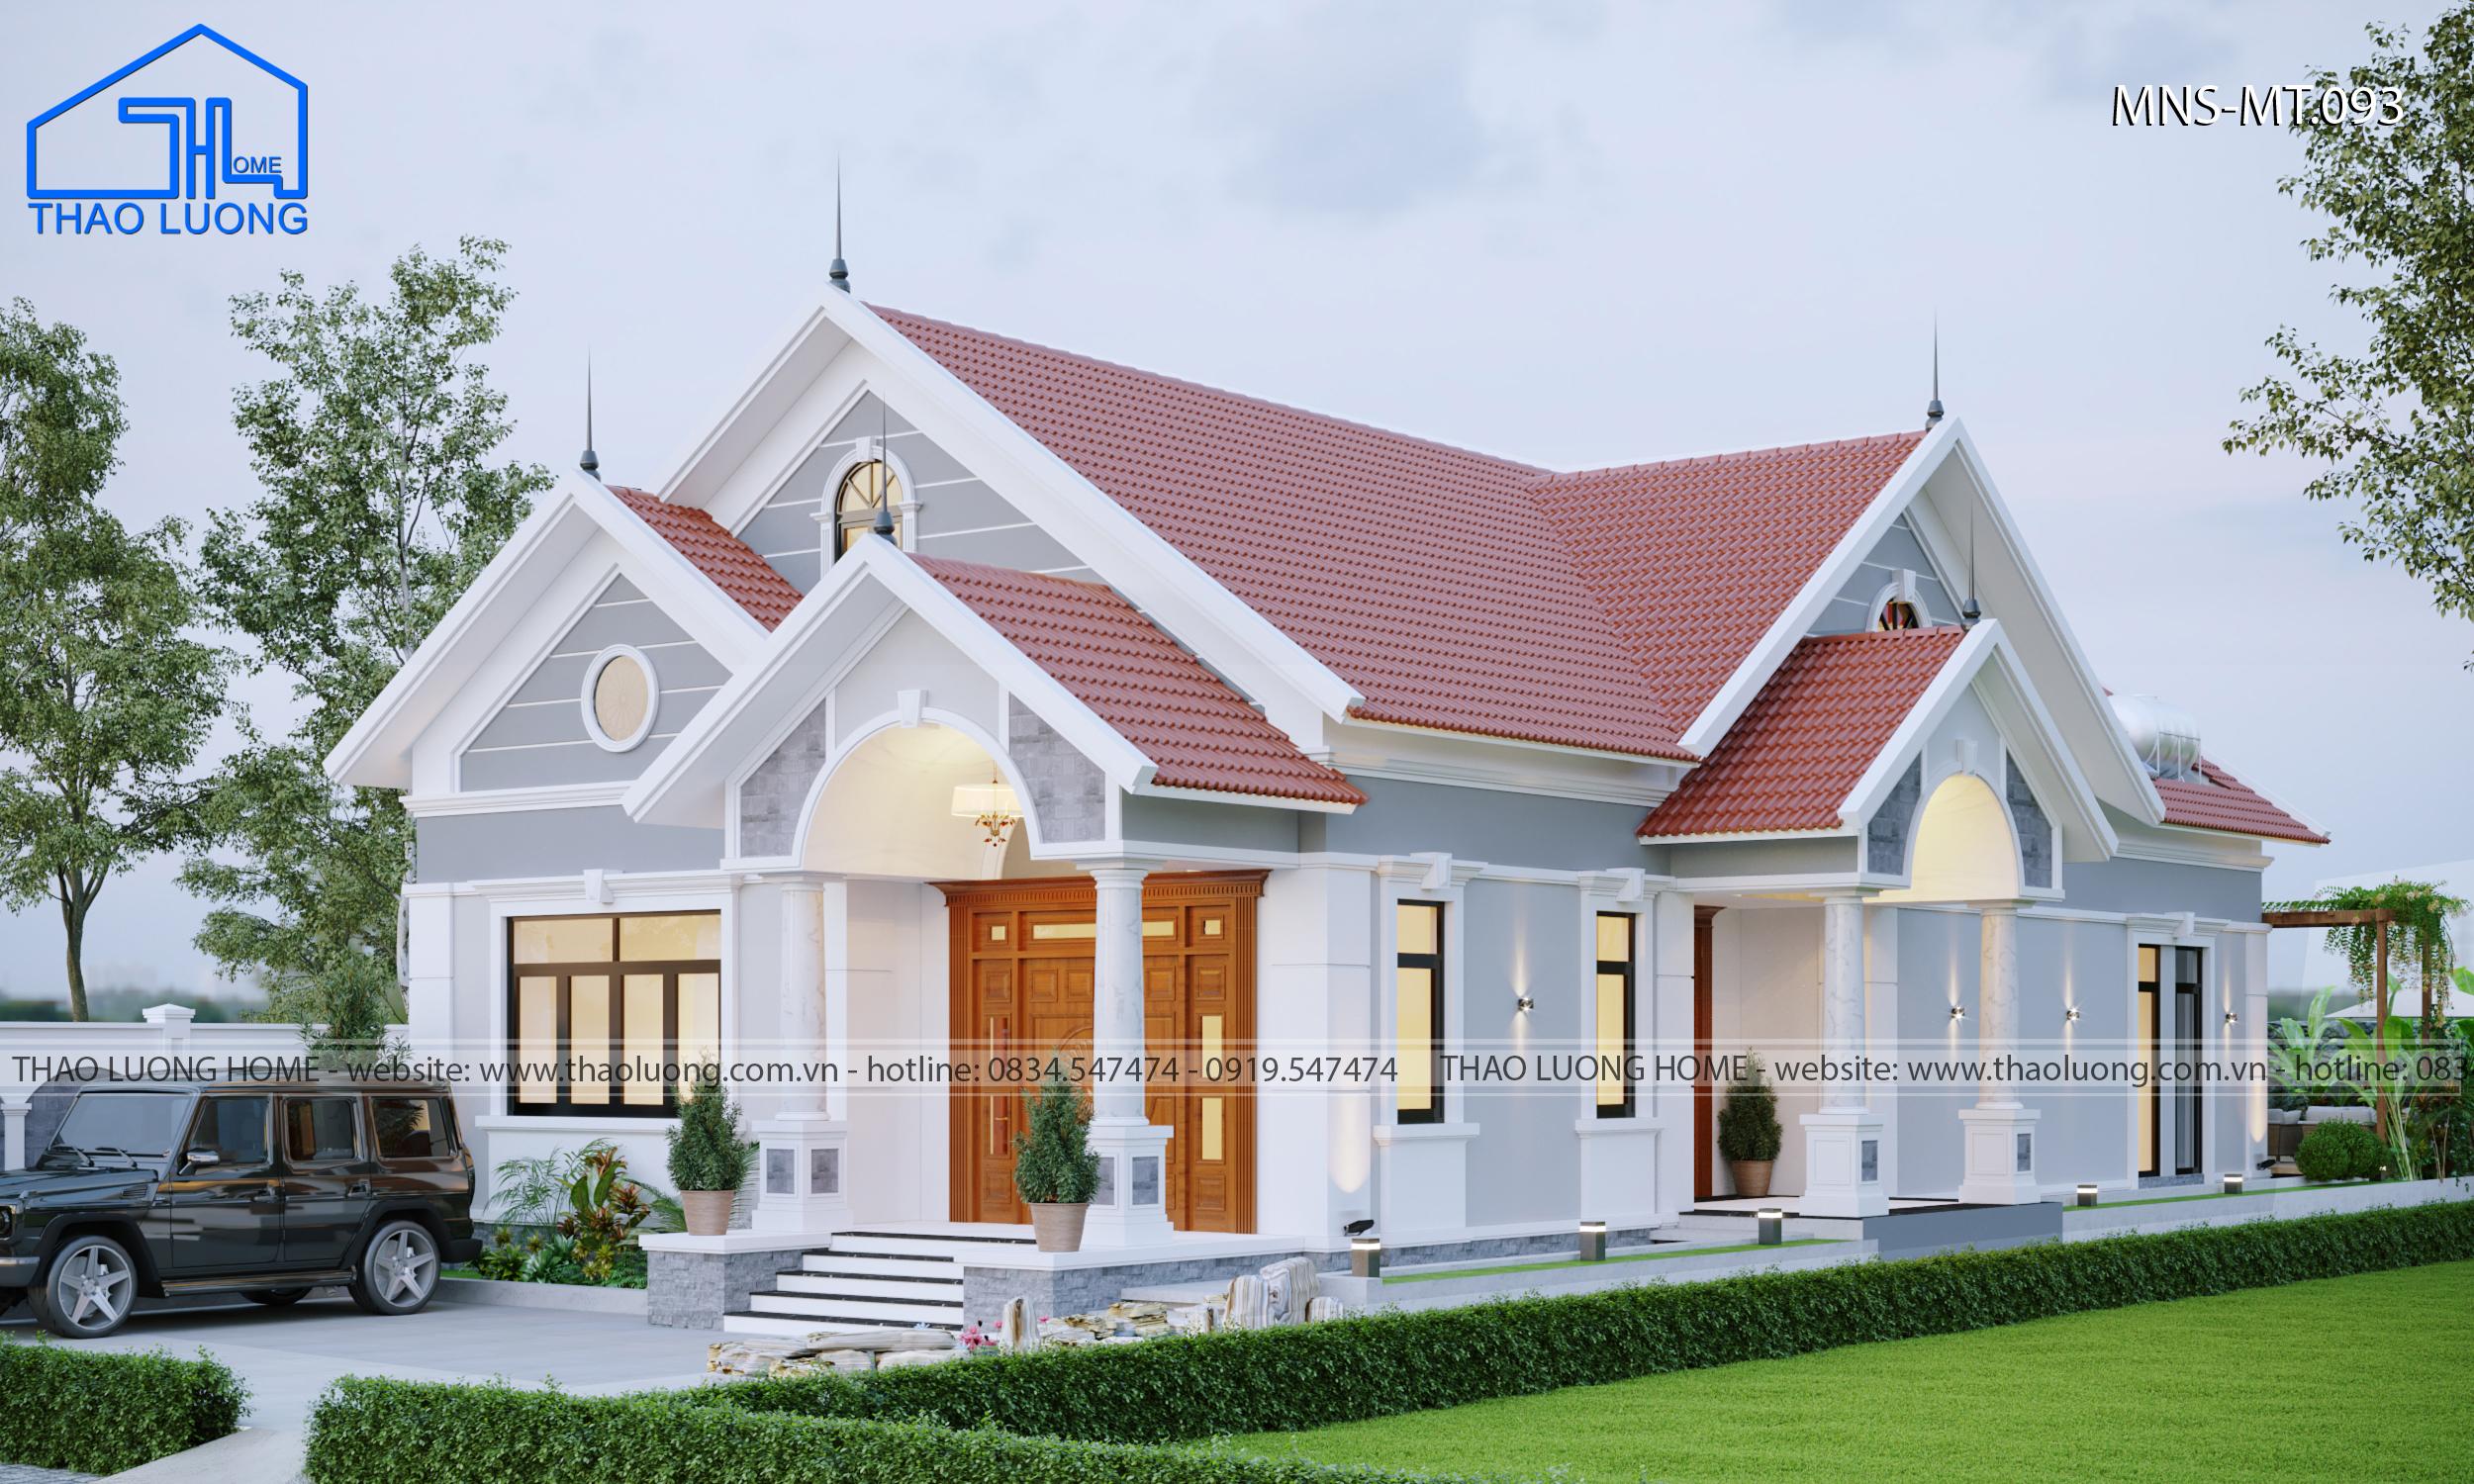 Nhà mái thái cấp 4 - Thảo Lương Home